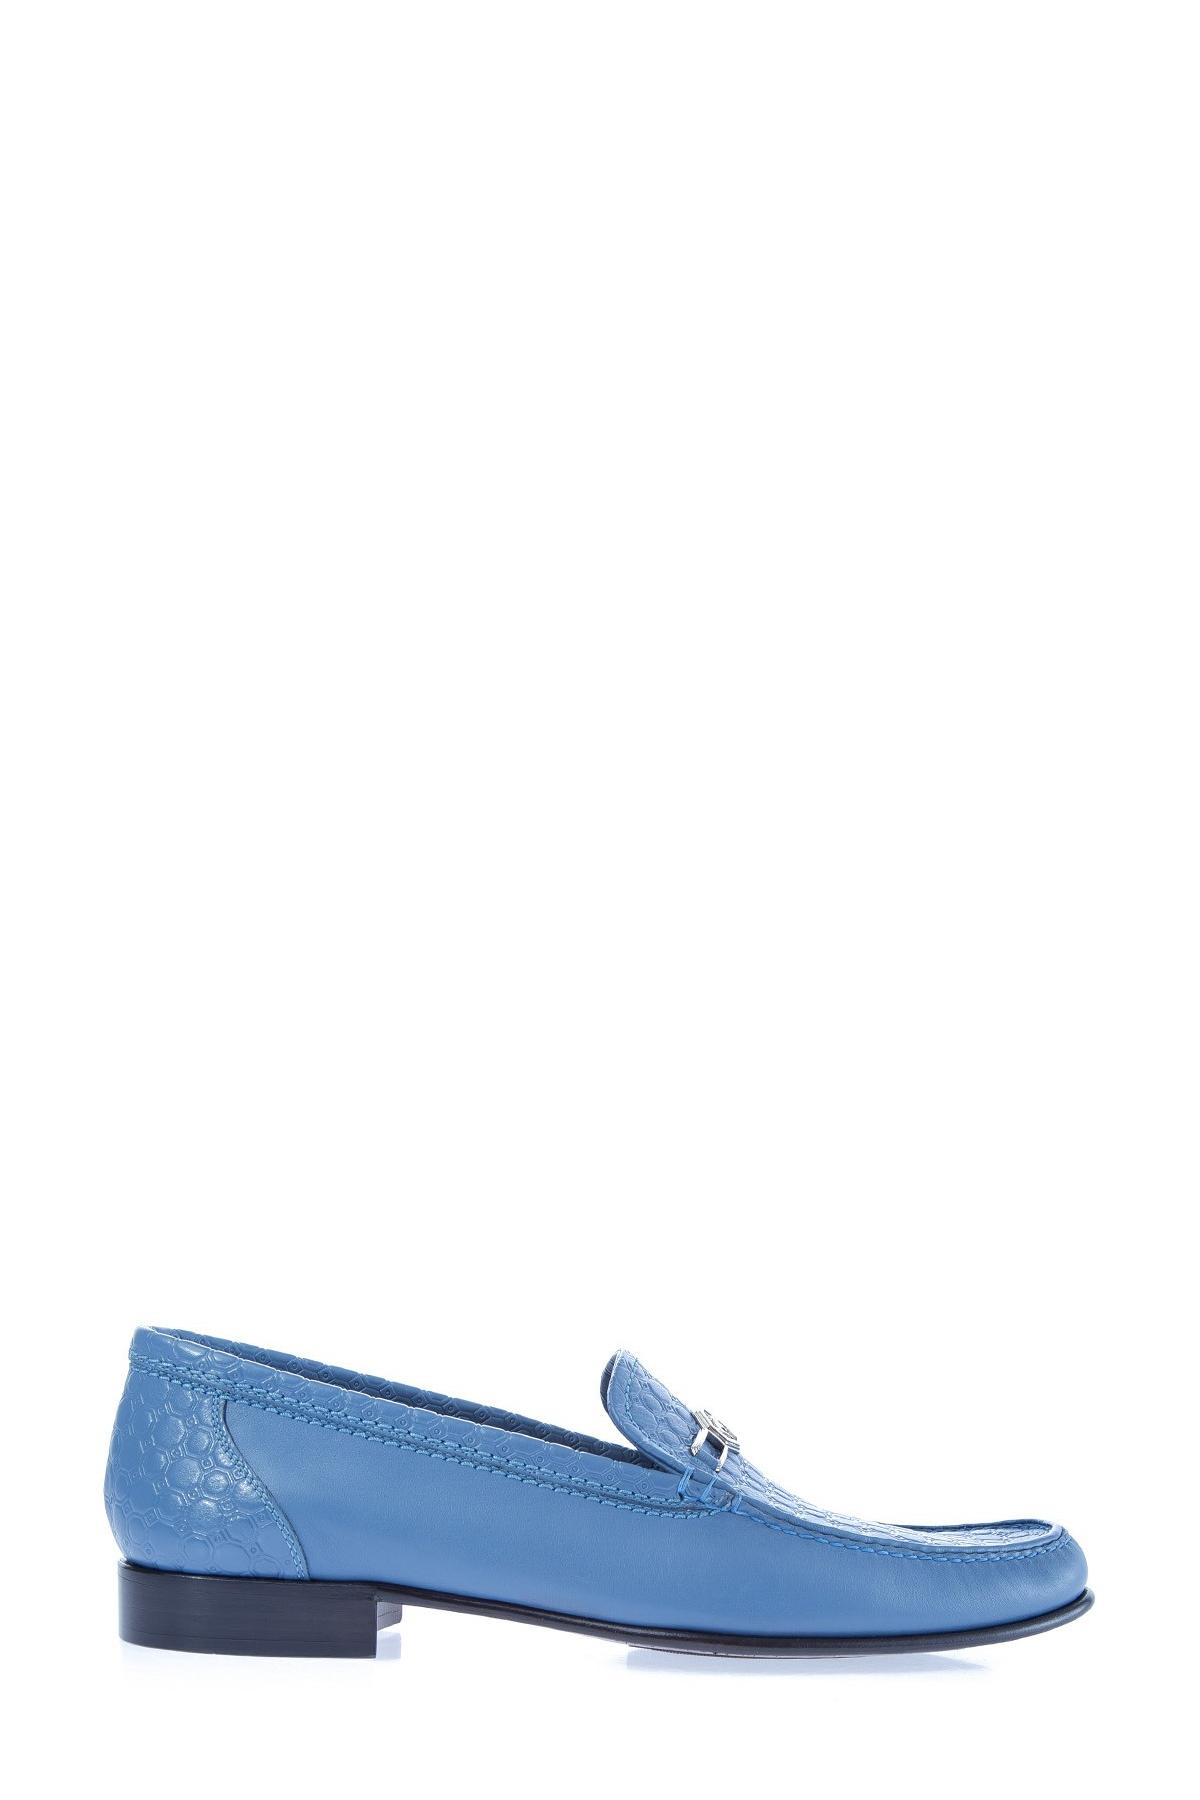 Купить Лоферы со вставками с фирменным тиснением на передней панели и заднике, STEFANO RICCI, Италия, кожа 100%